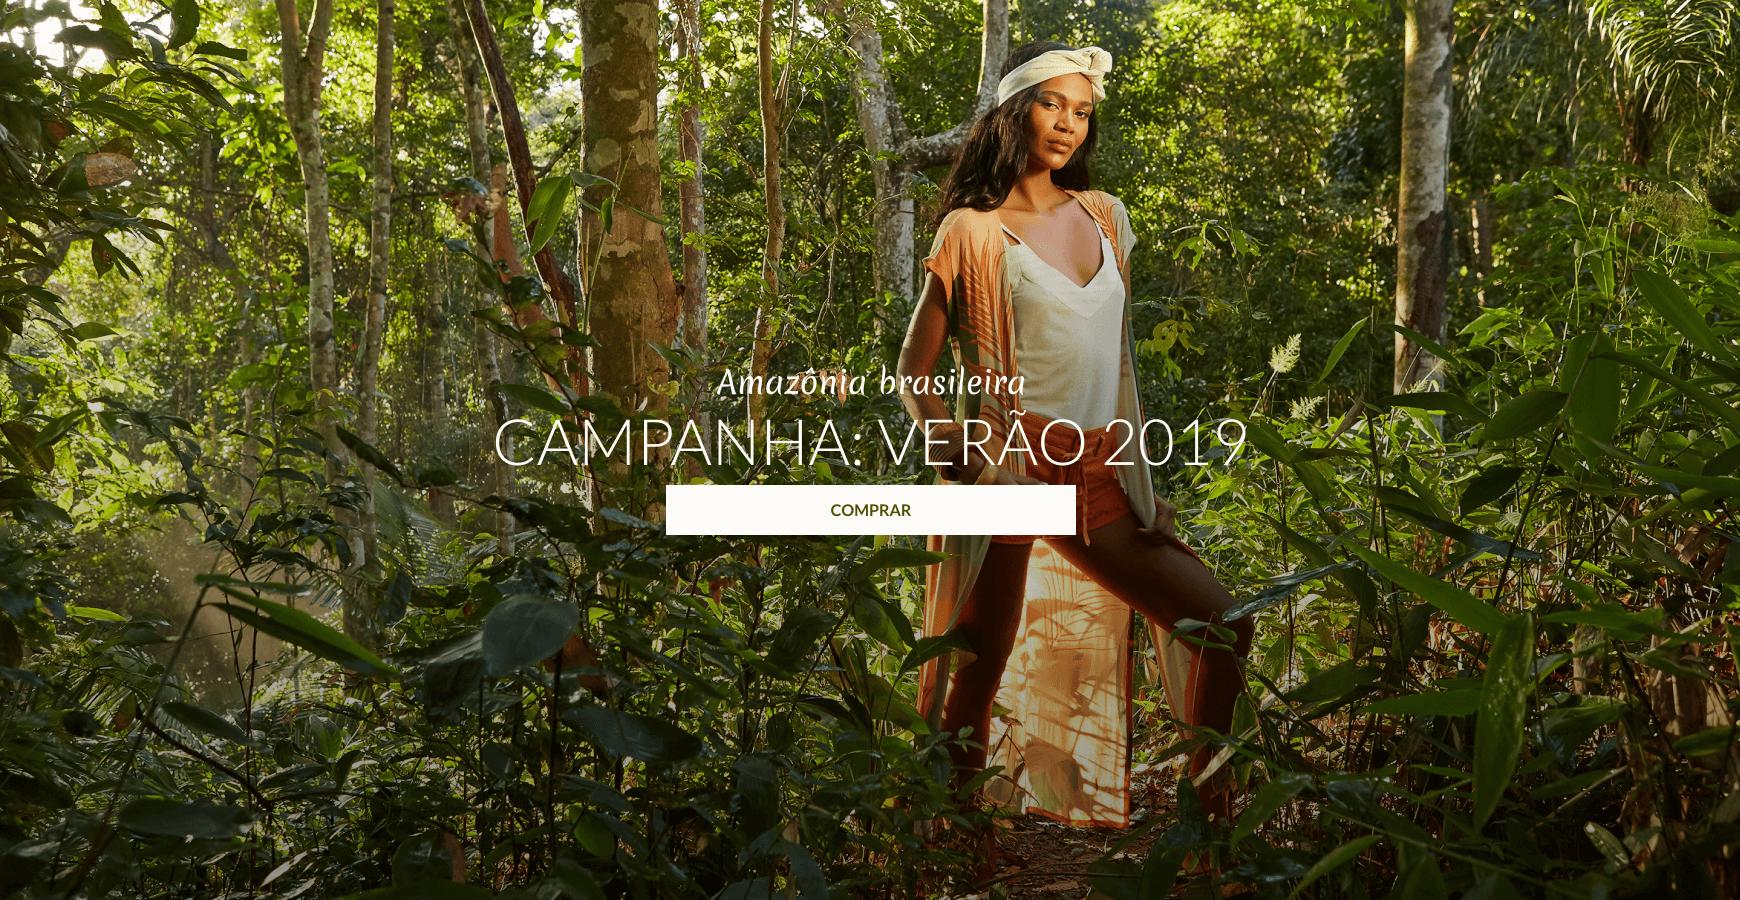 Reserva Natural - Campanha verão 2019